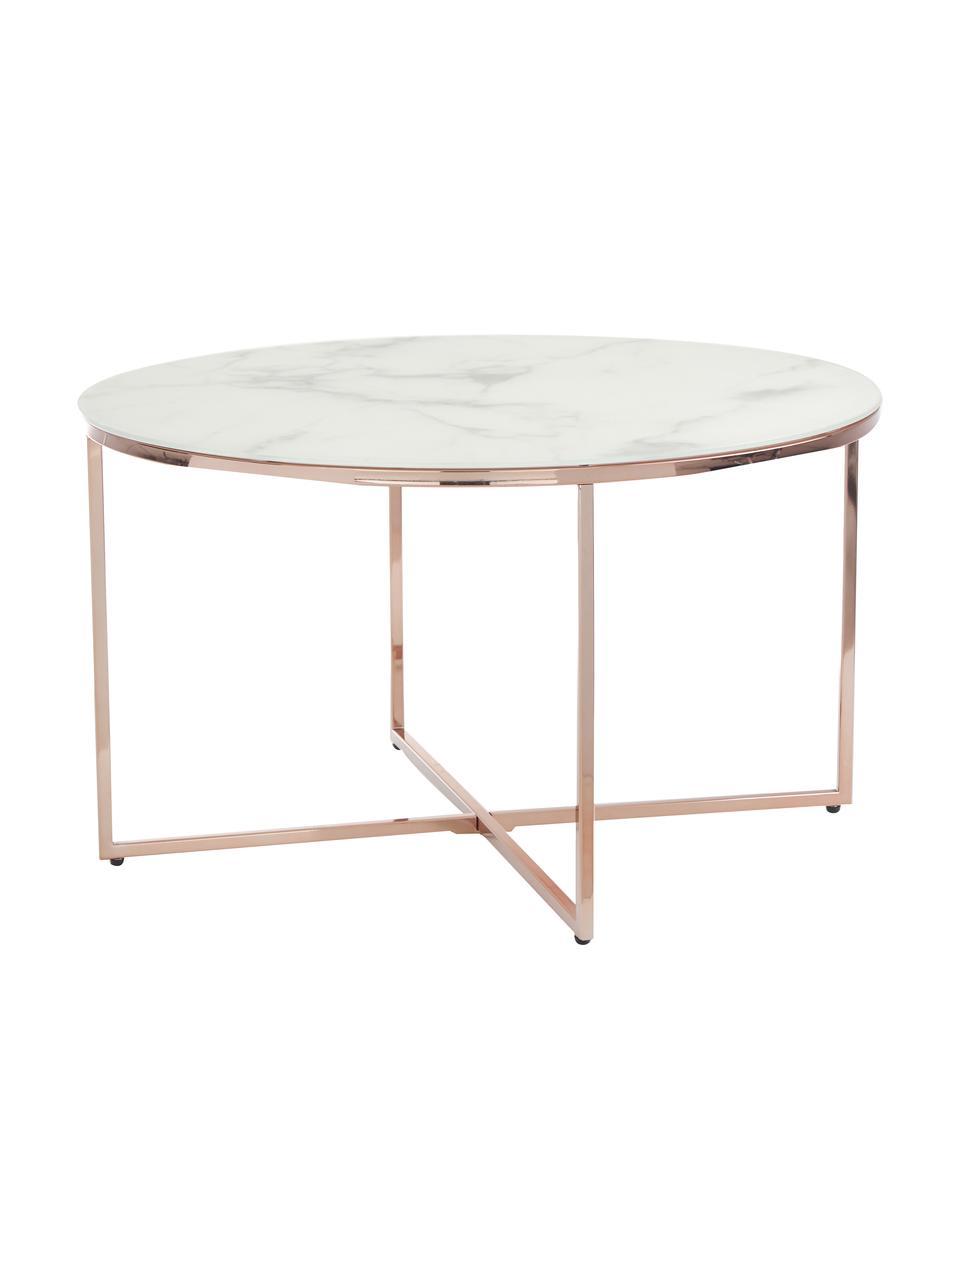 Tavolino da salotto con piano in vetro effetto marmo Antigua, Struttura: acciaio ottonato, Bianco-grigio marmorizzato, rosato, Ø 80 x Alt. 45 cm